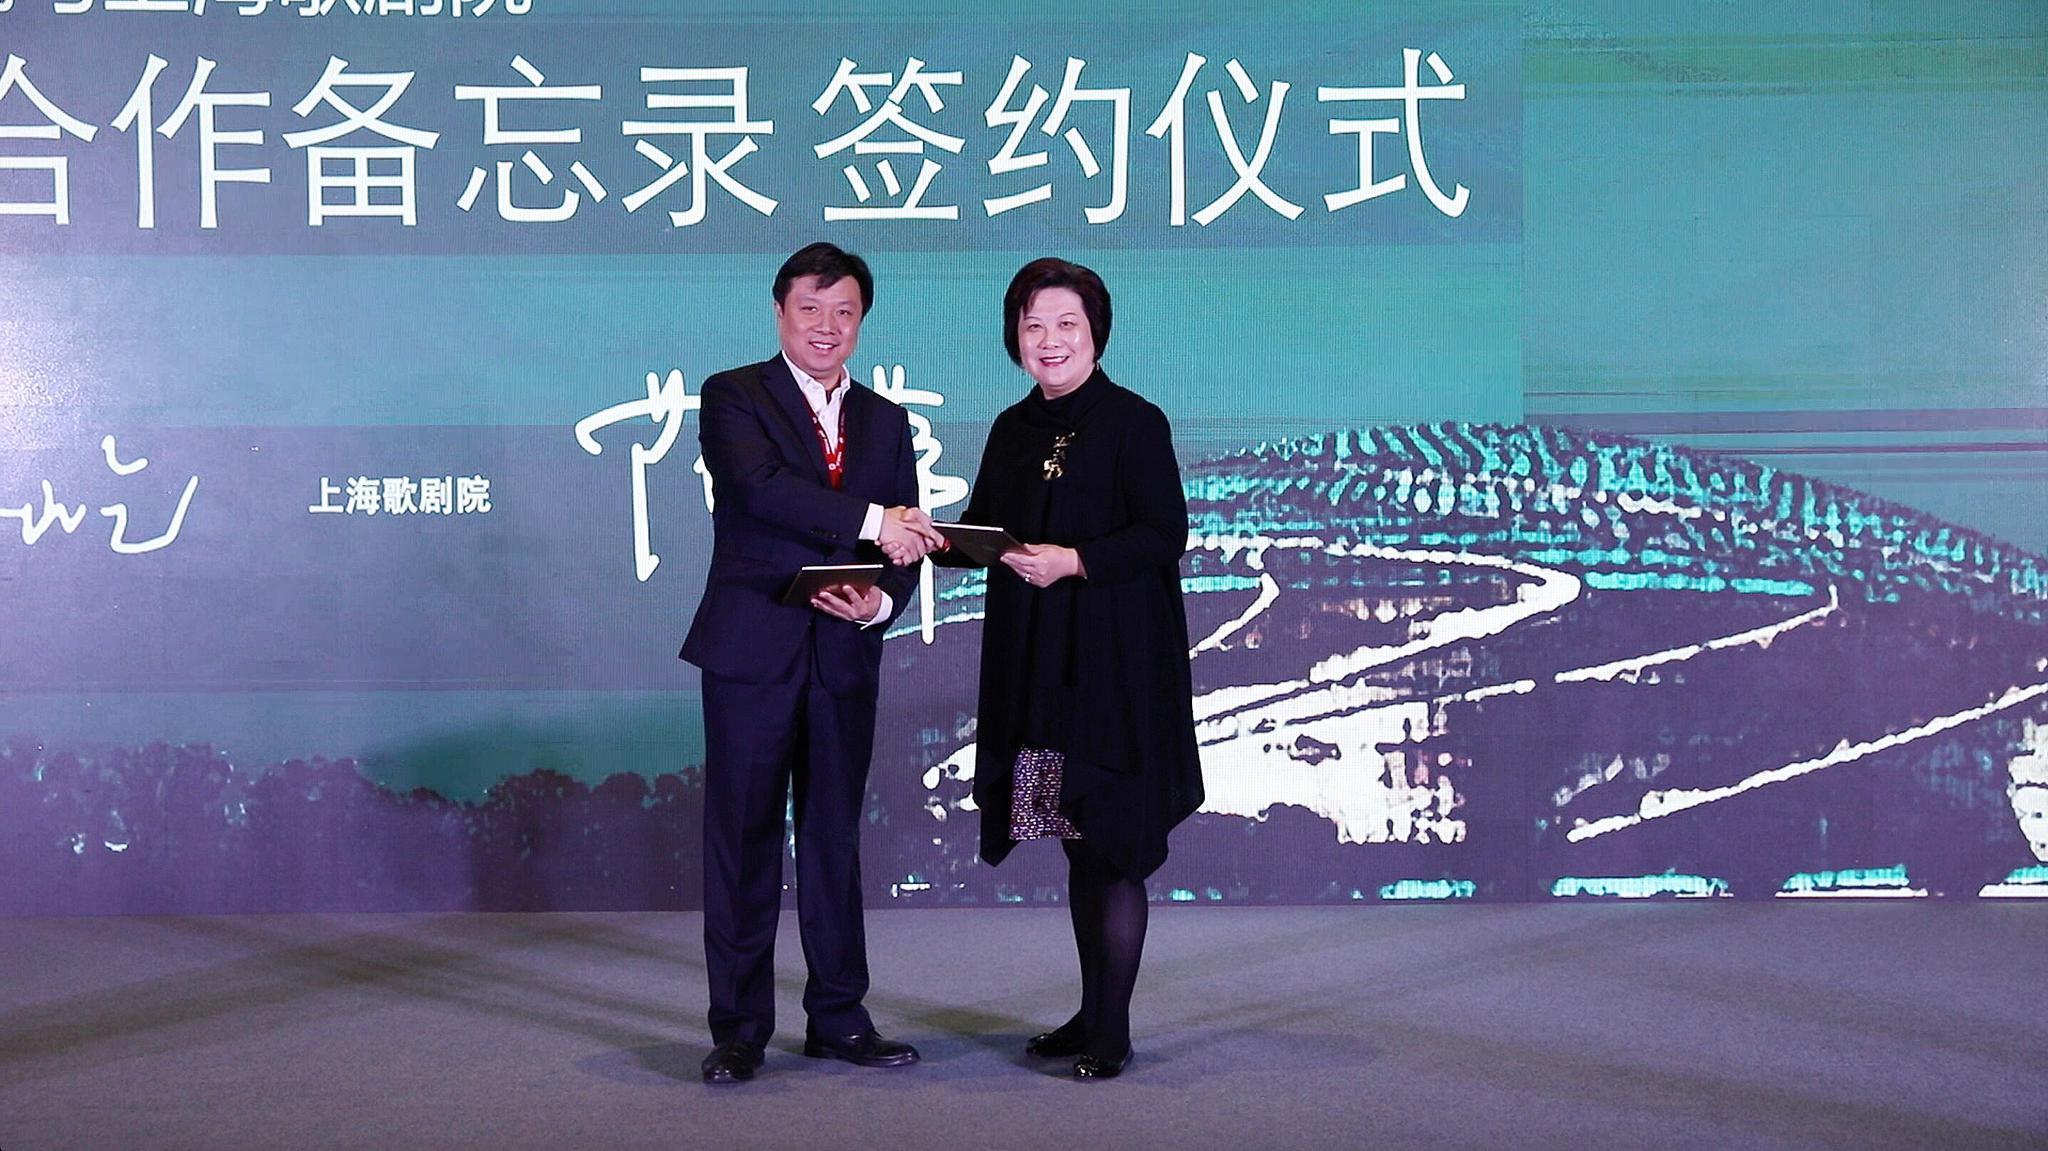 上海歌剧院与江苏大剧院签约 共享节目和艺术教育资源